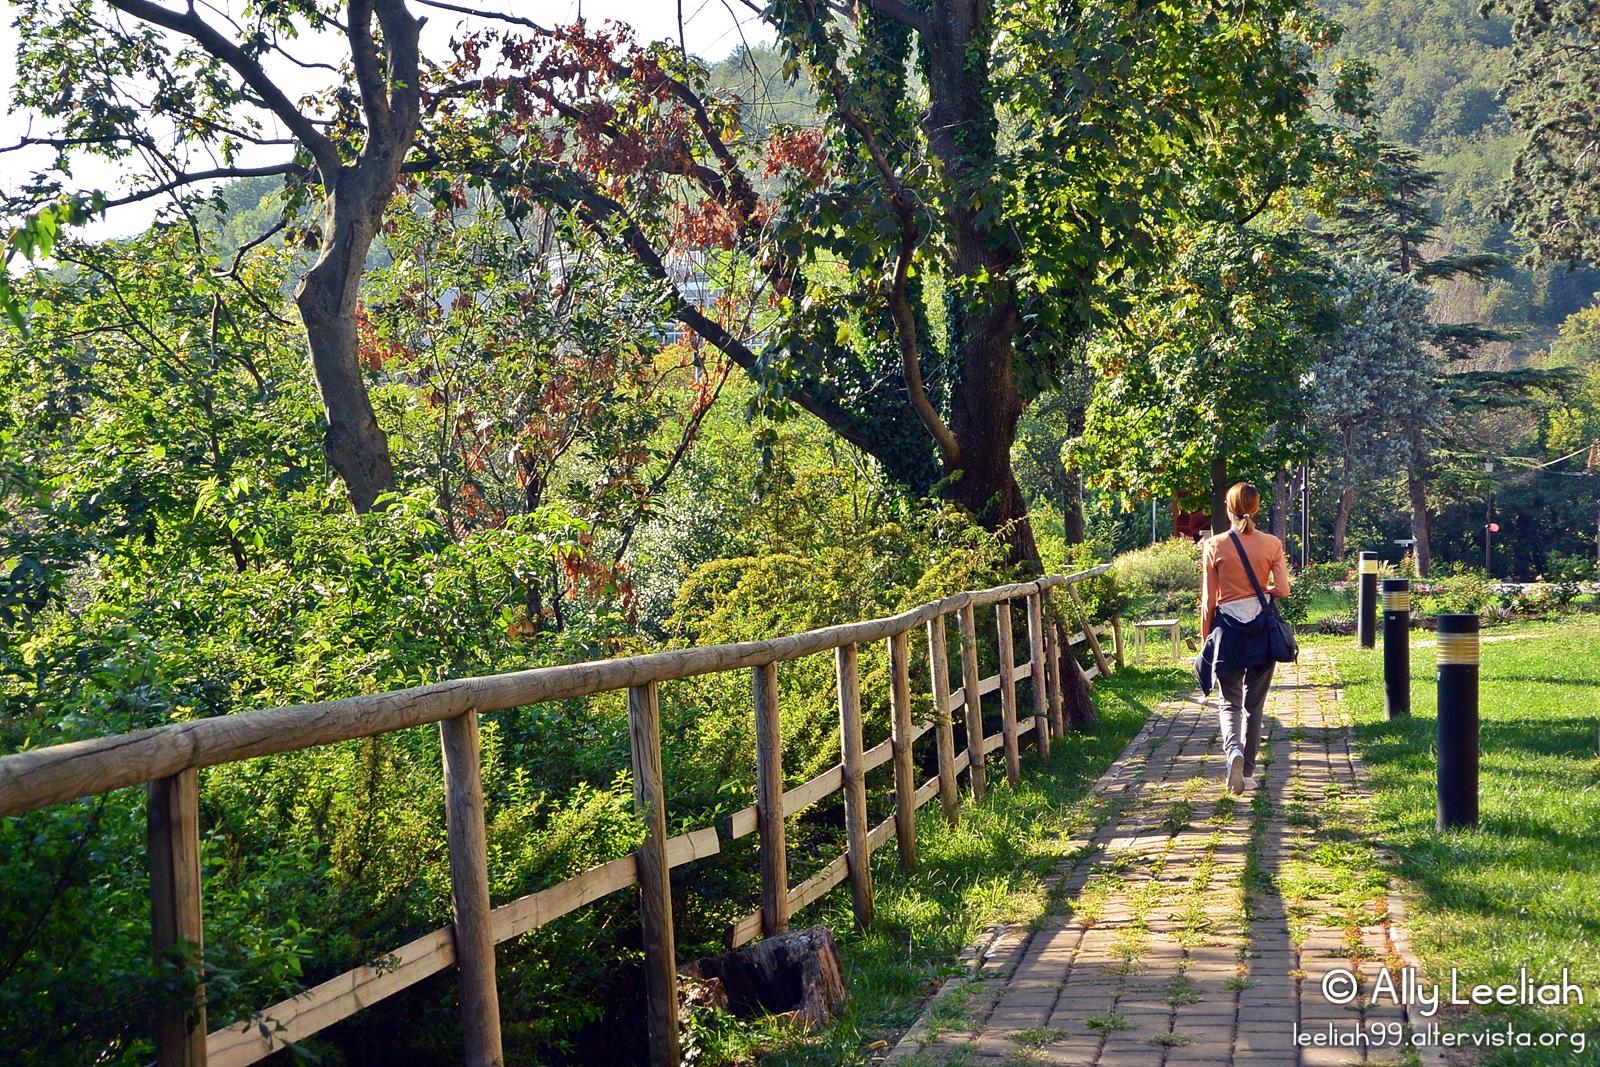 Passeggiata panoramica nel Parco di San Giovanni, Trieste © leeliah99.altervista.org